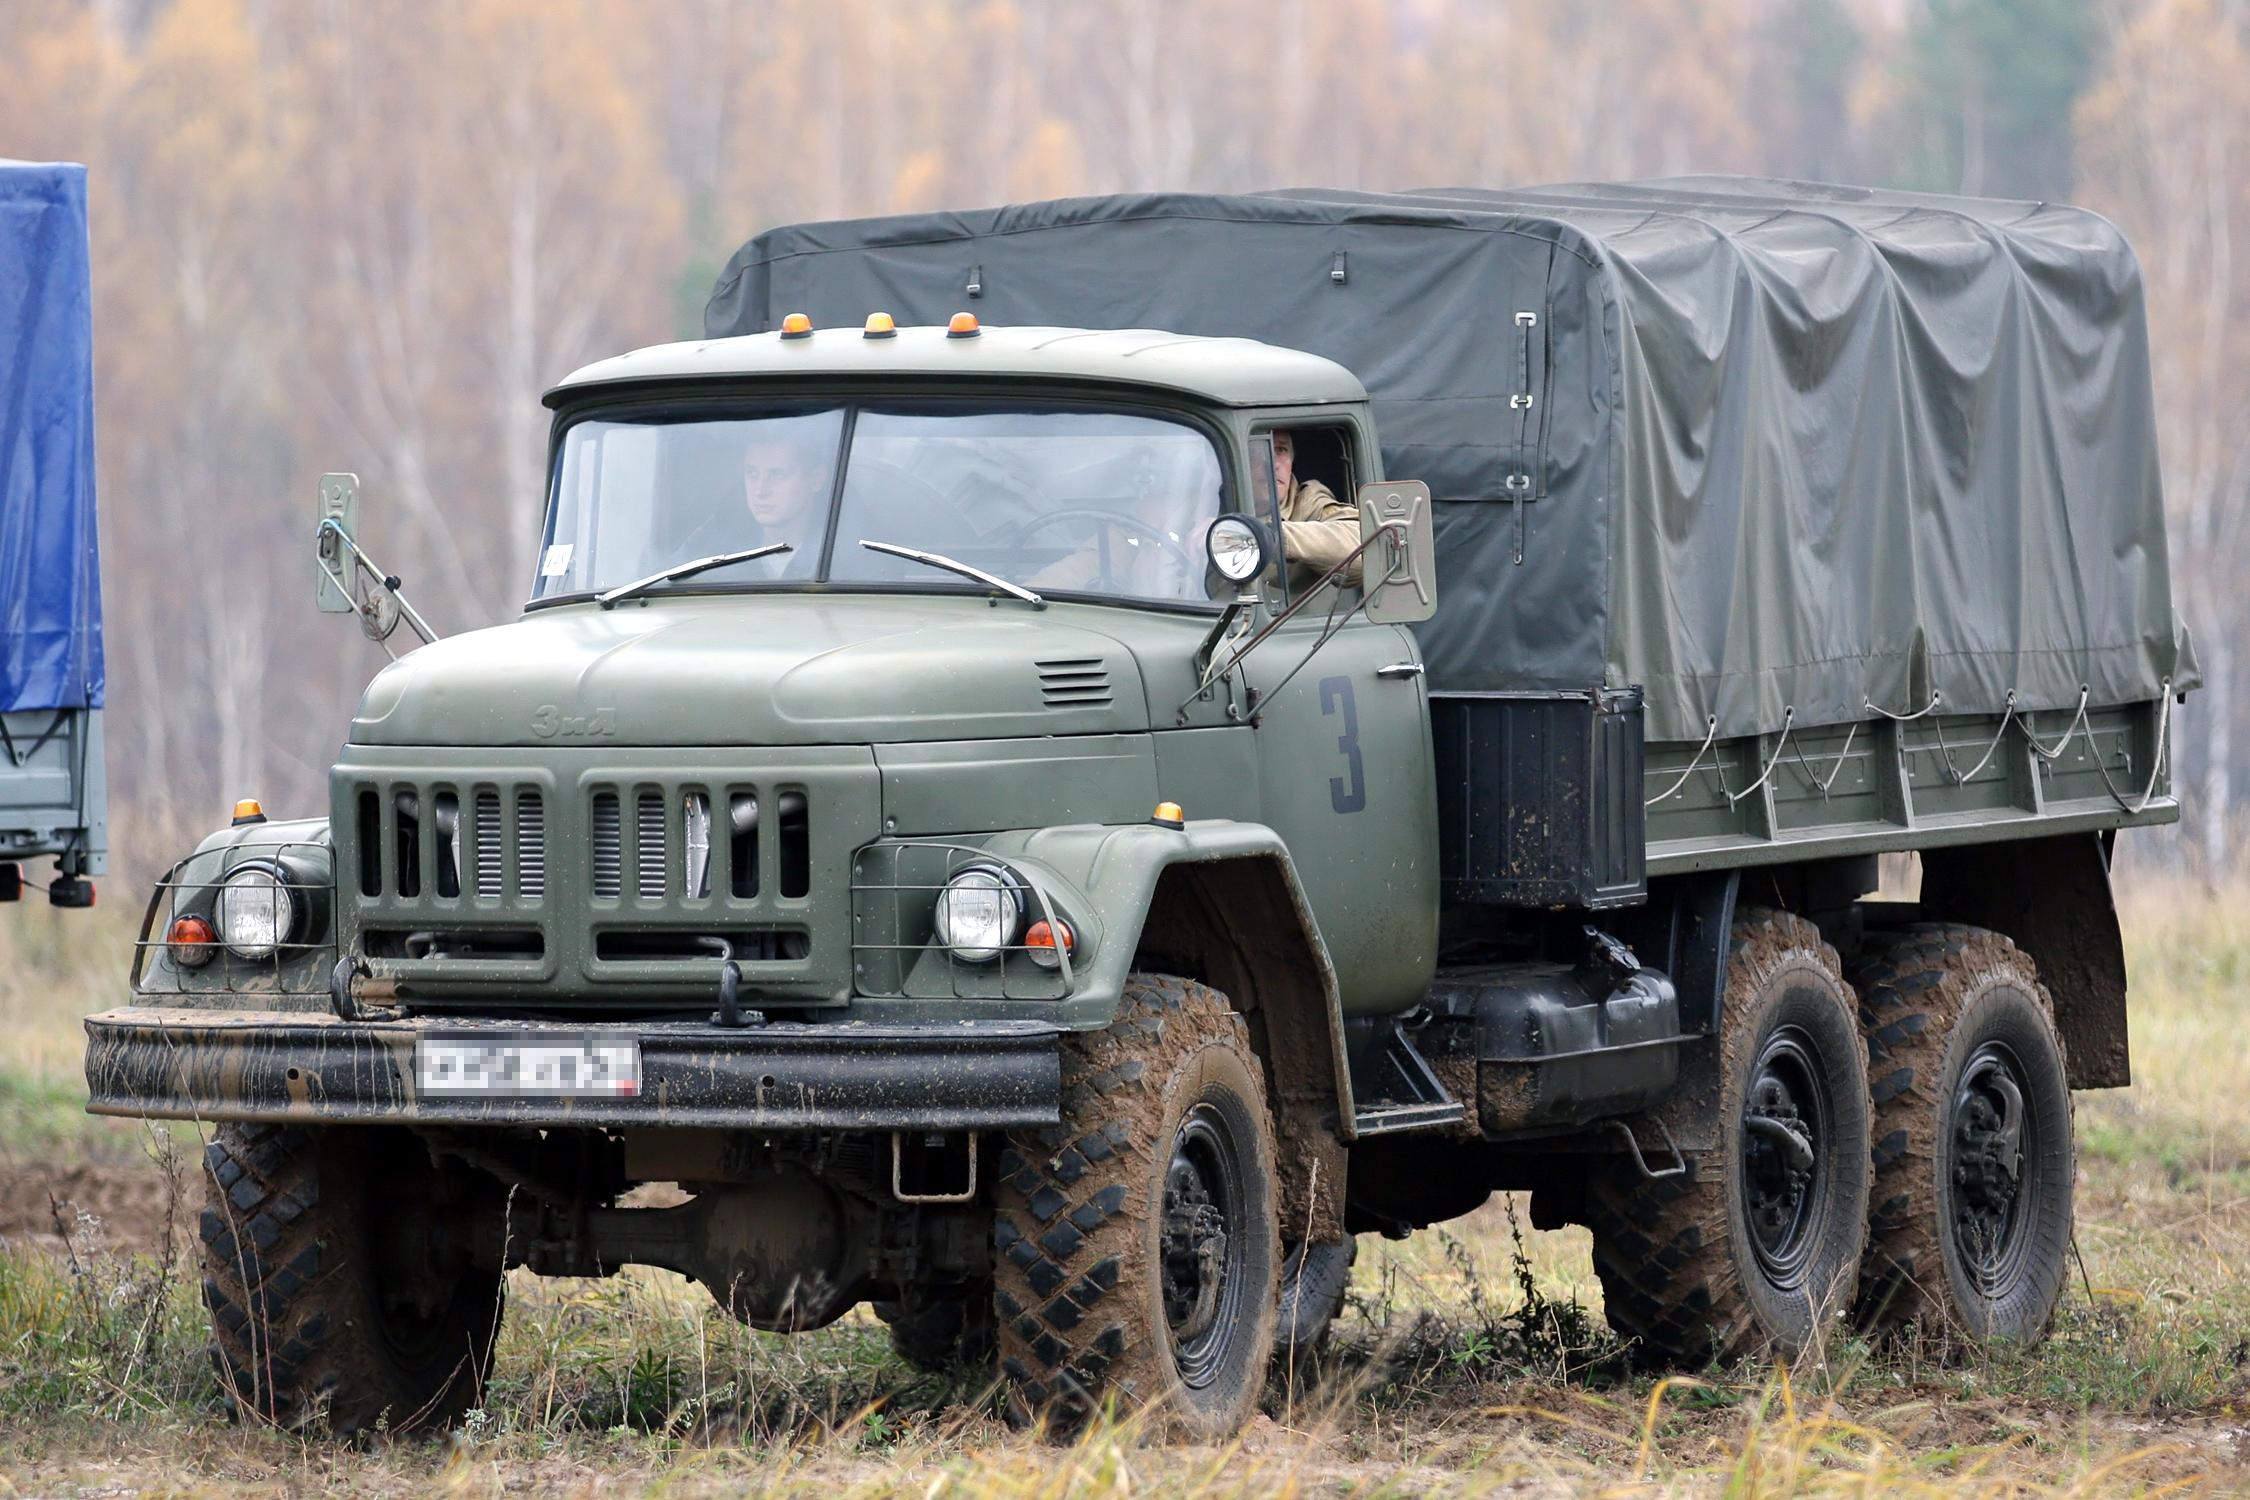 Russian Zil-131 cargo truck